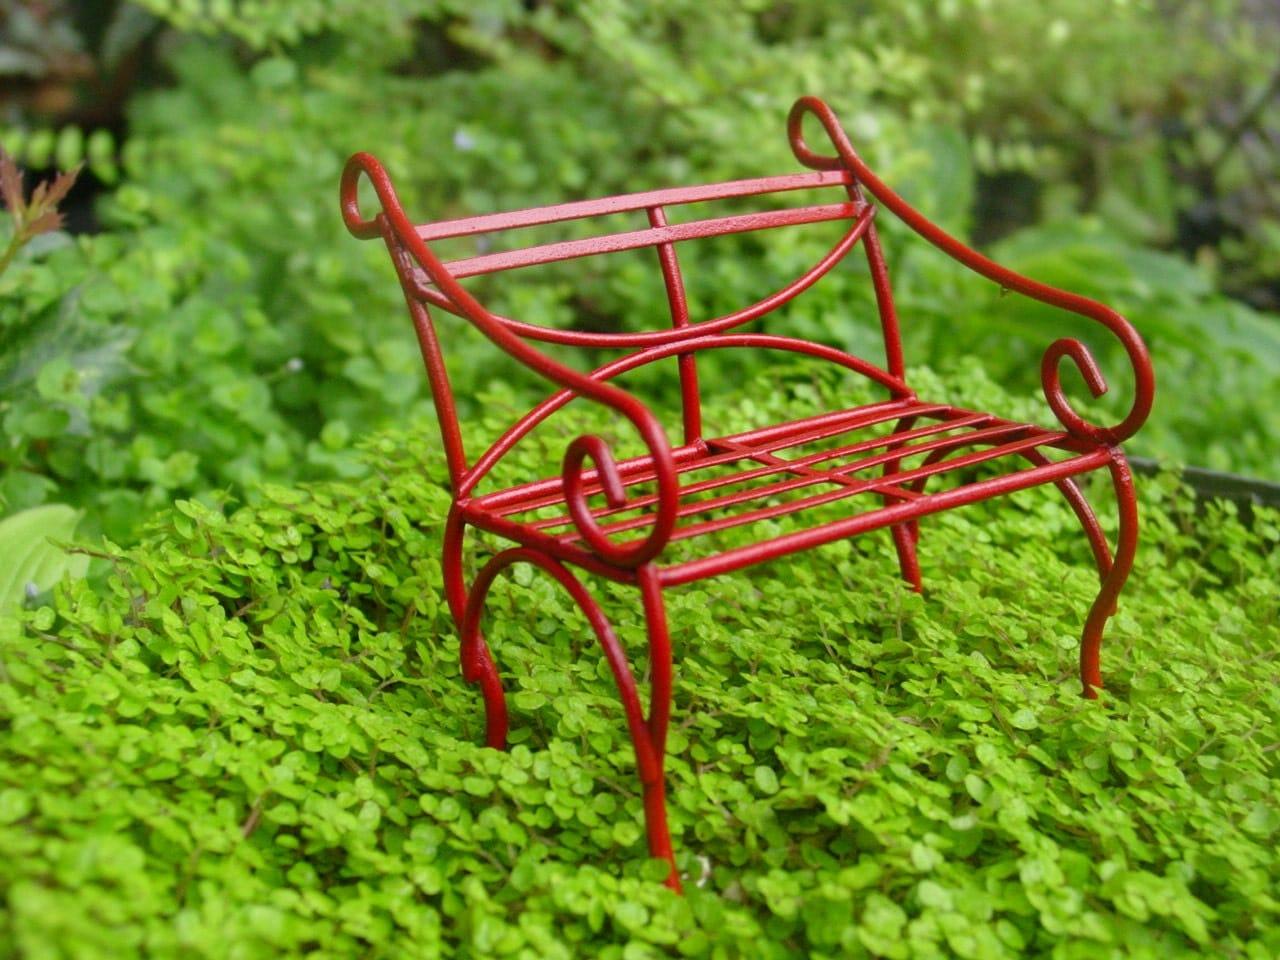 Red Fairy Garden Accessories Miniature Garden Bench